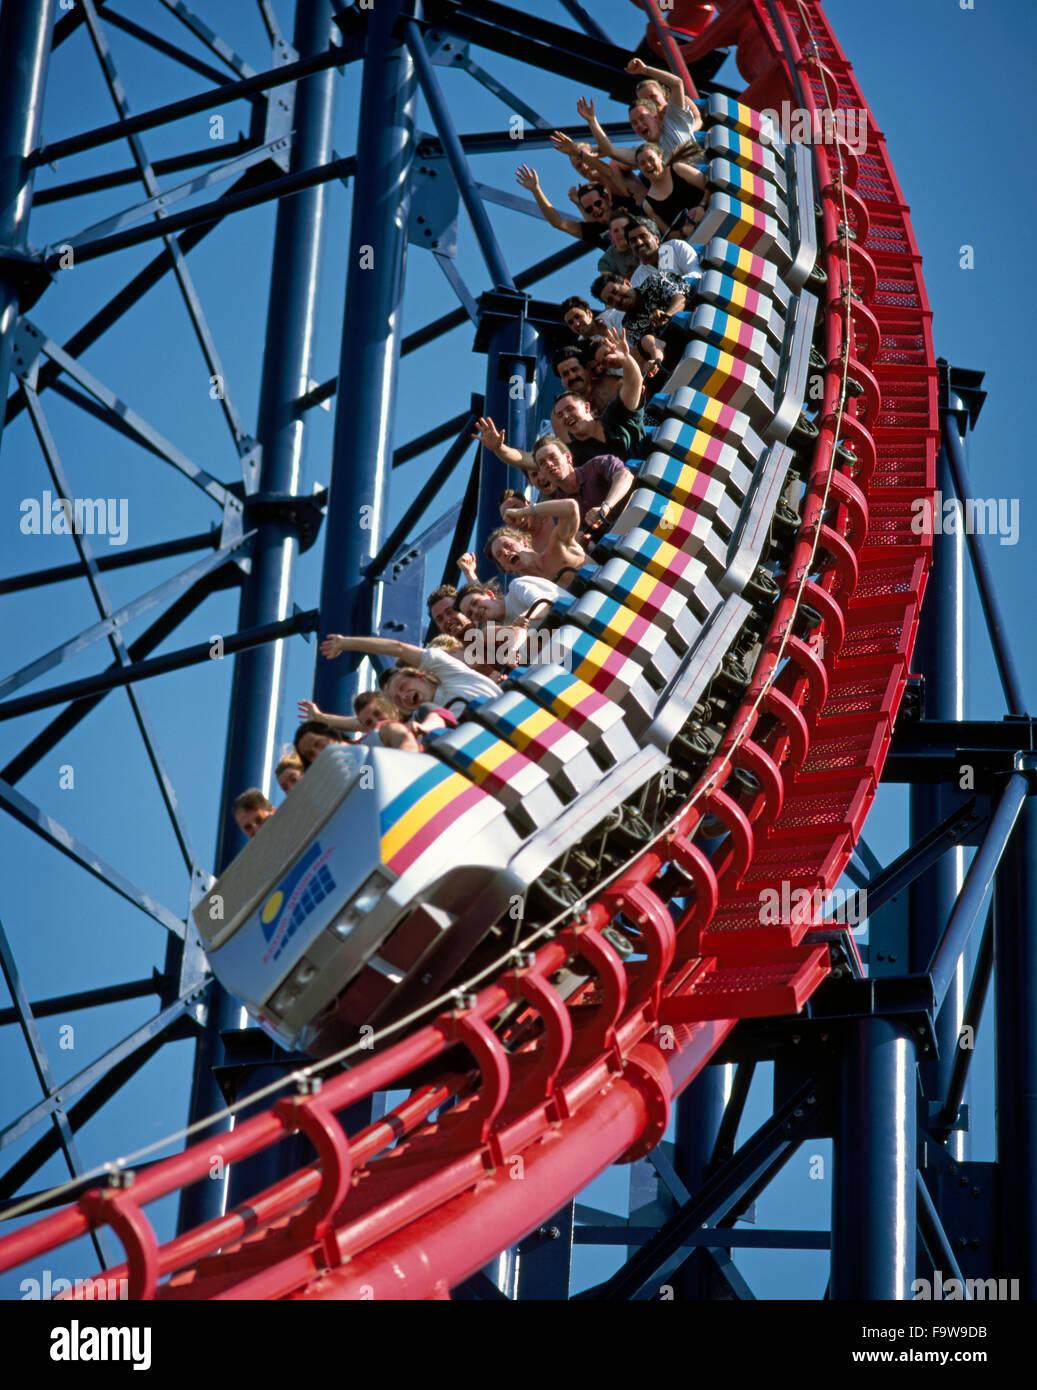 El 'Gordo' paseo de diversiones en Blackpool Pleasure Beach, Blackpool, Lancashire, Inglaterra Imagen De Stock